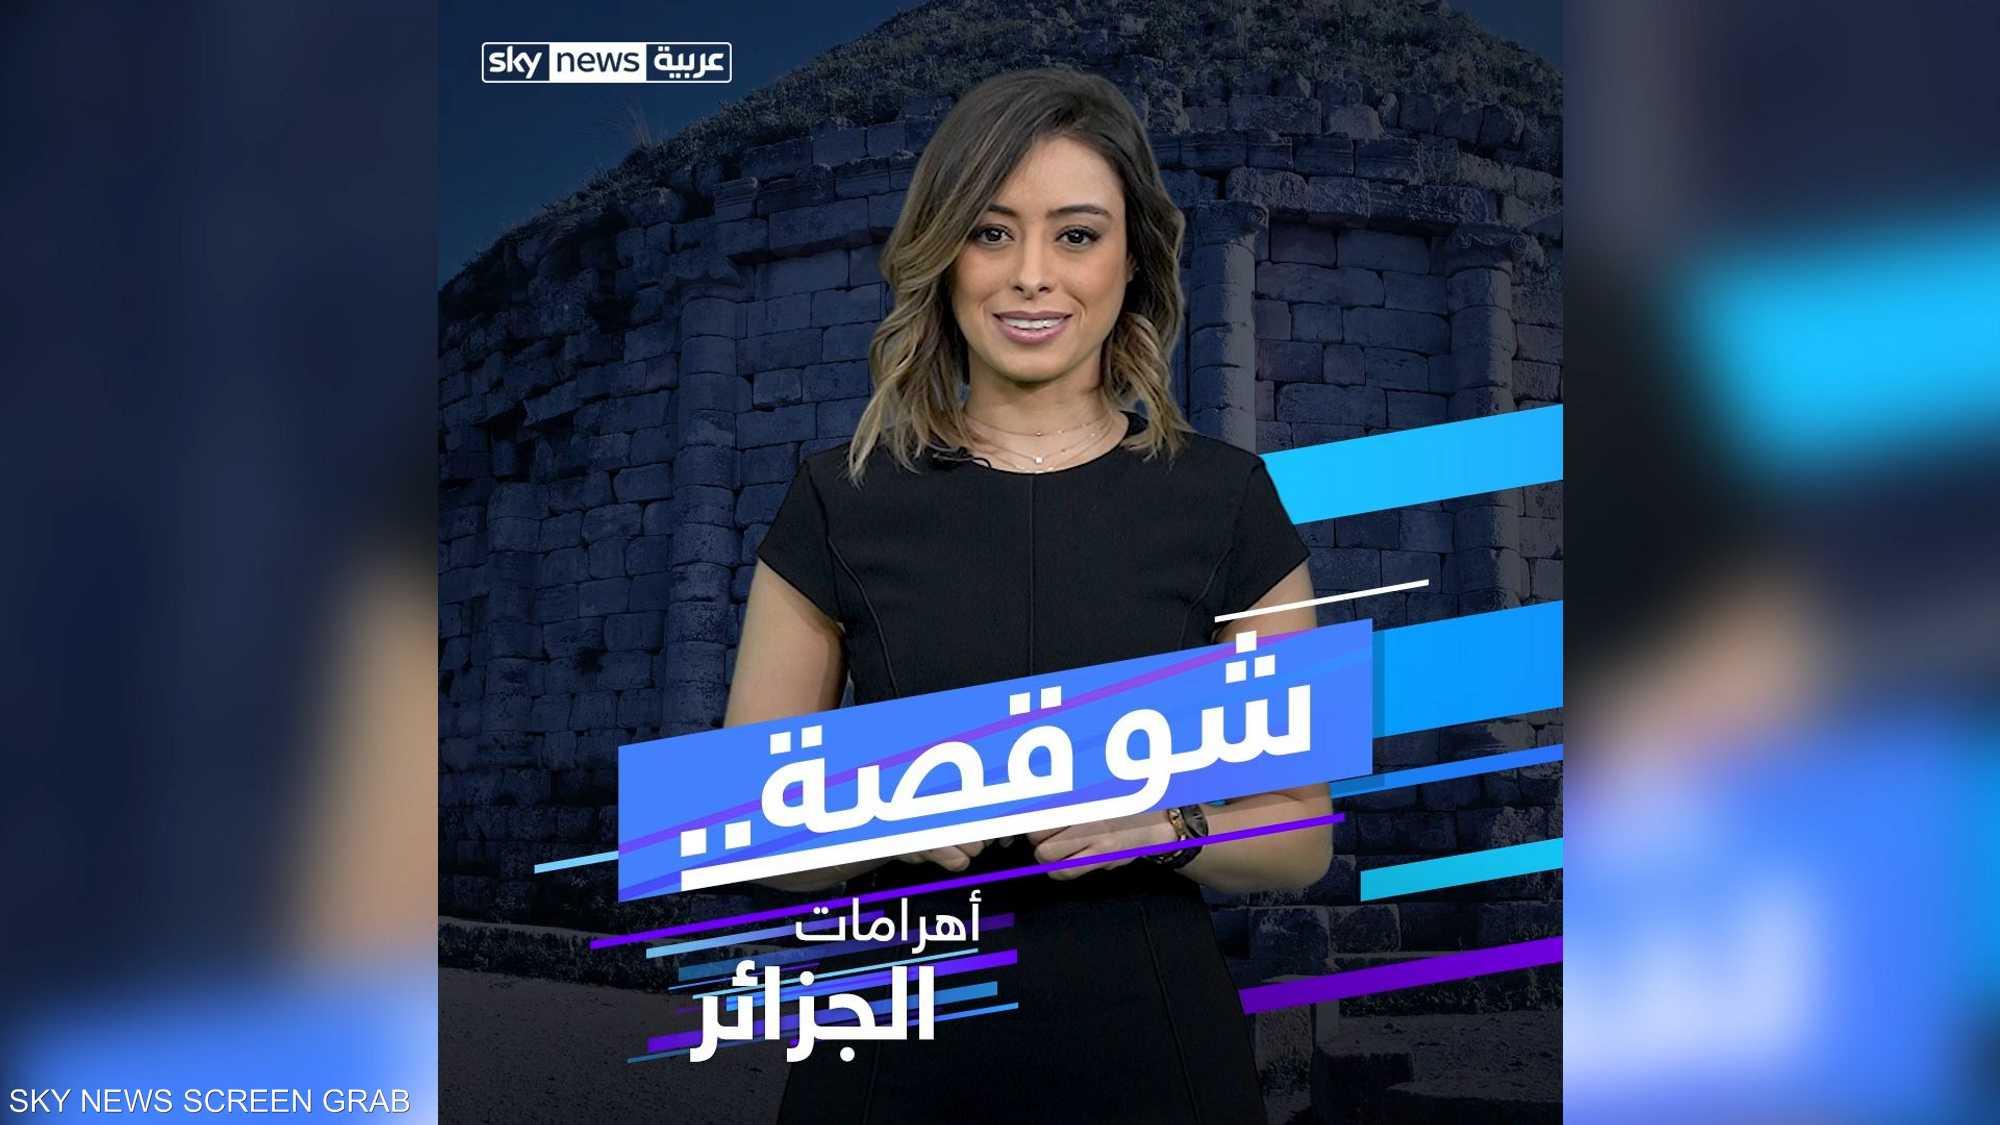 ماهي قصة أهرامات الجزائر؟